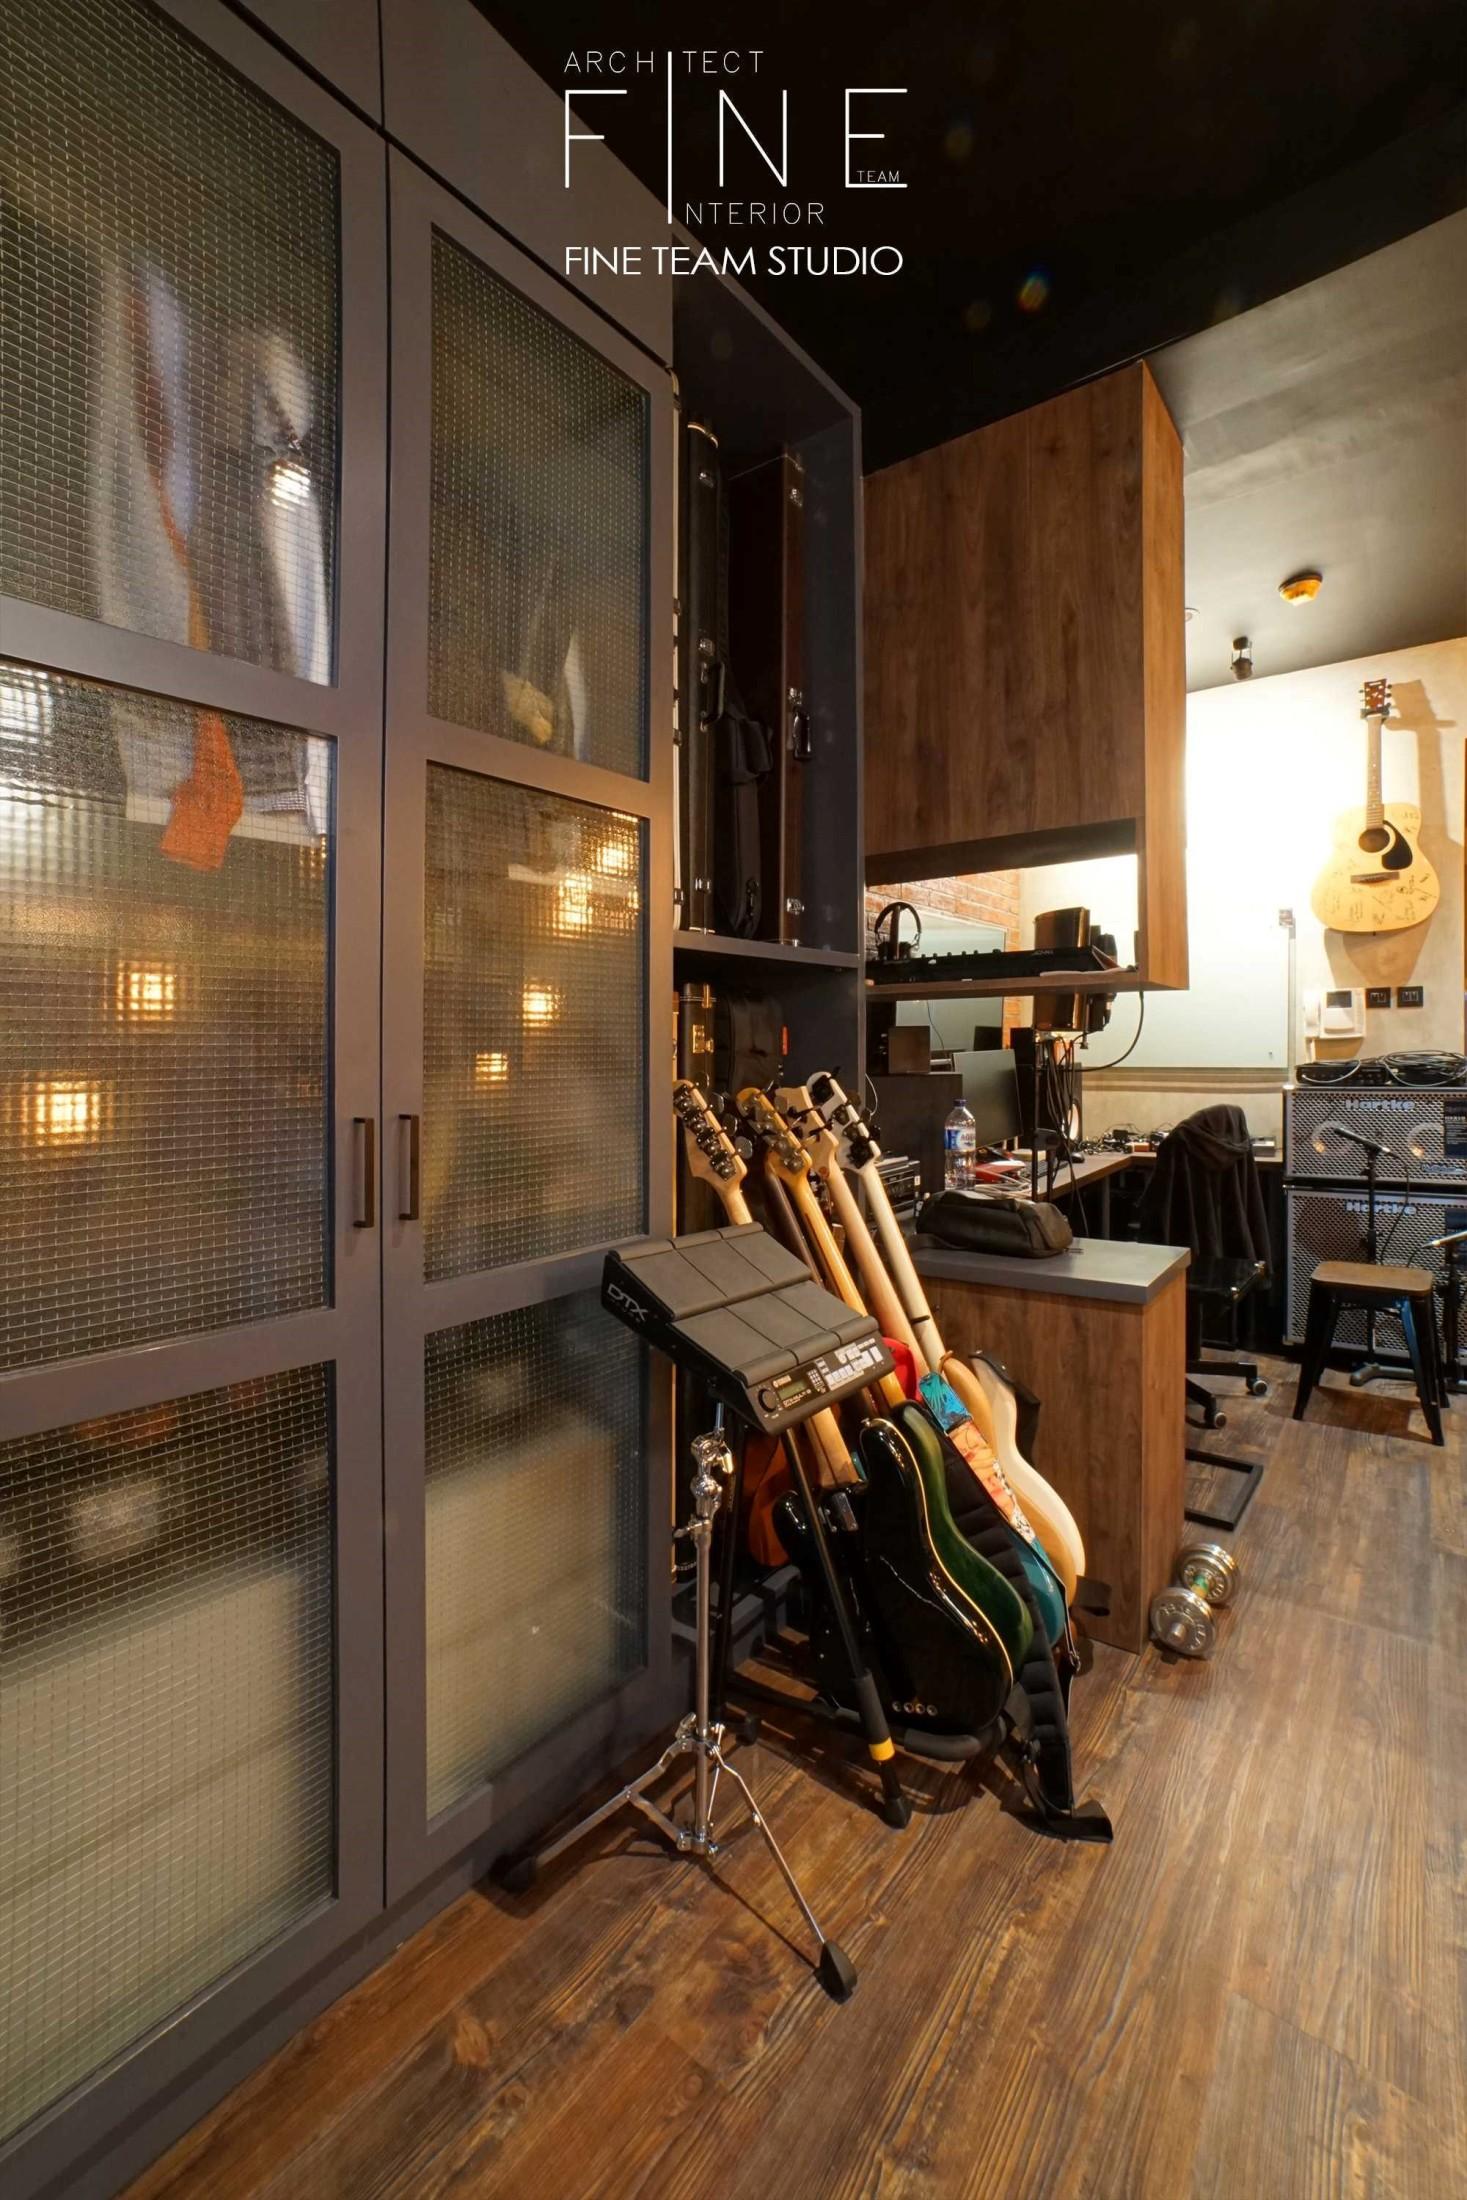 Memiliki sebuah studio di apartemen sebagai ruang kerja atau untuk menyalurkan hobi, pastilah menyenangkan dan menjadi nilai tambah tersendiri. Pengaplikasian desain interior industrial untuk menciptakan sebuah studio musik yang memadai akan memberikan nuansa yang menyenangkan dalam berkreasi. Warna-warna dan karakter alami dari lantai parket, kabinet kayu, dan dinding bata ekspos, menampilkan keindahan bahan natural dengan perpaduan coklat tua dan terakota. Dinding bercat putih memberikan keseimbangan gelap dan terang, memantulkan cahaya lampu ke seluruh studio.